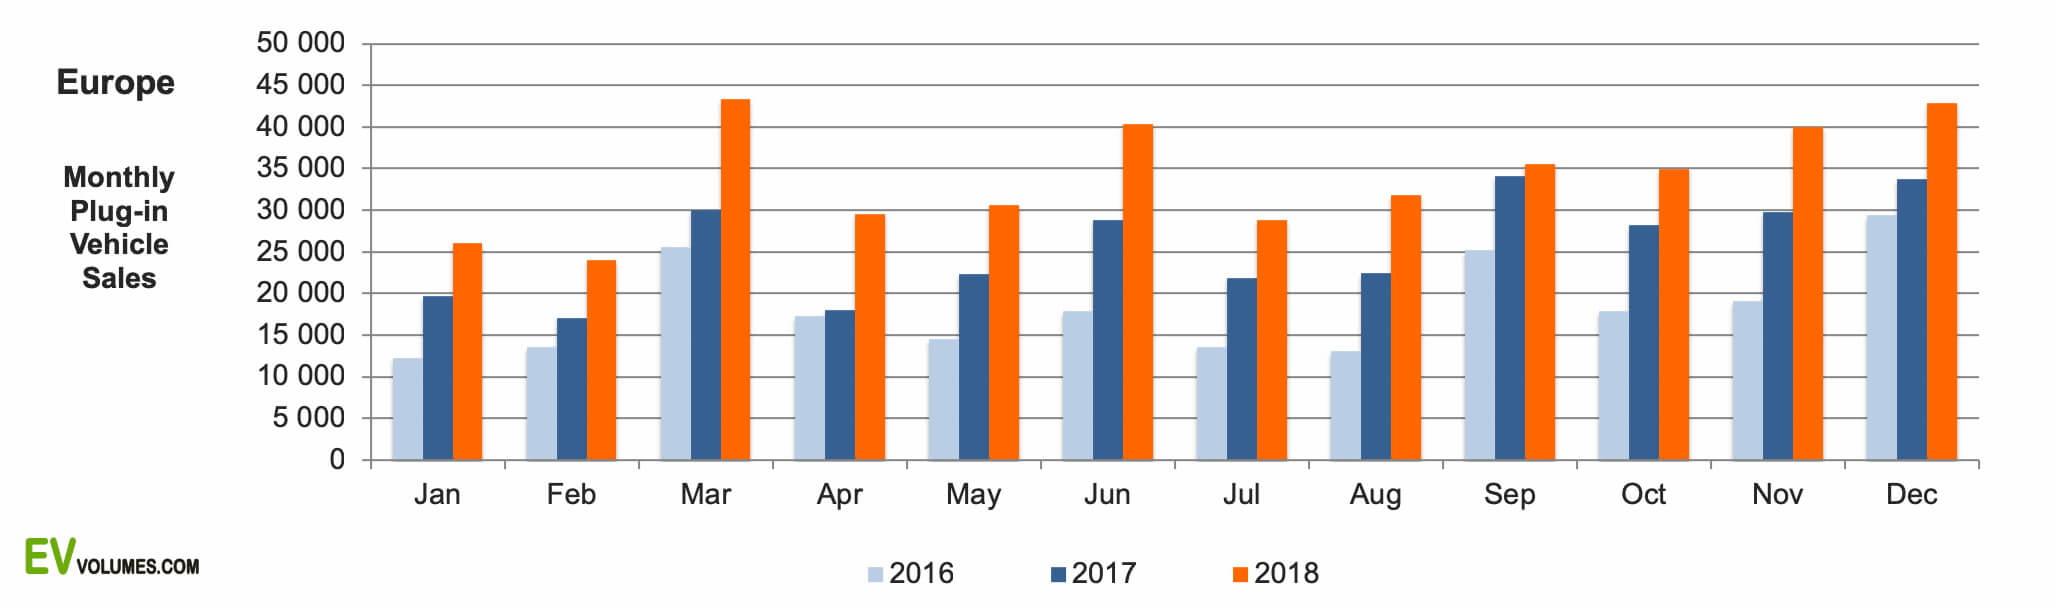 Сравнение ежемесячных продаж электрических автомобилей в Европе в 2016-2018 годах